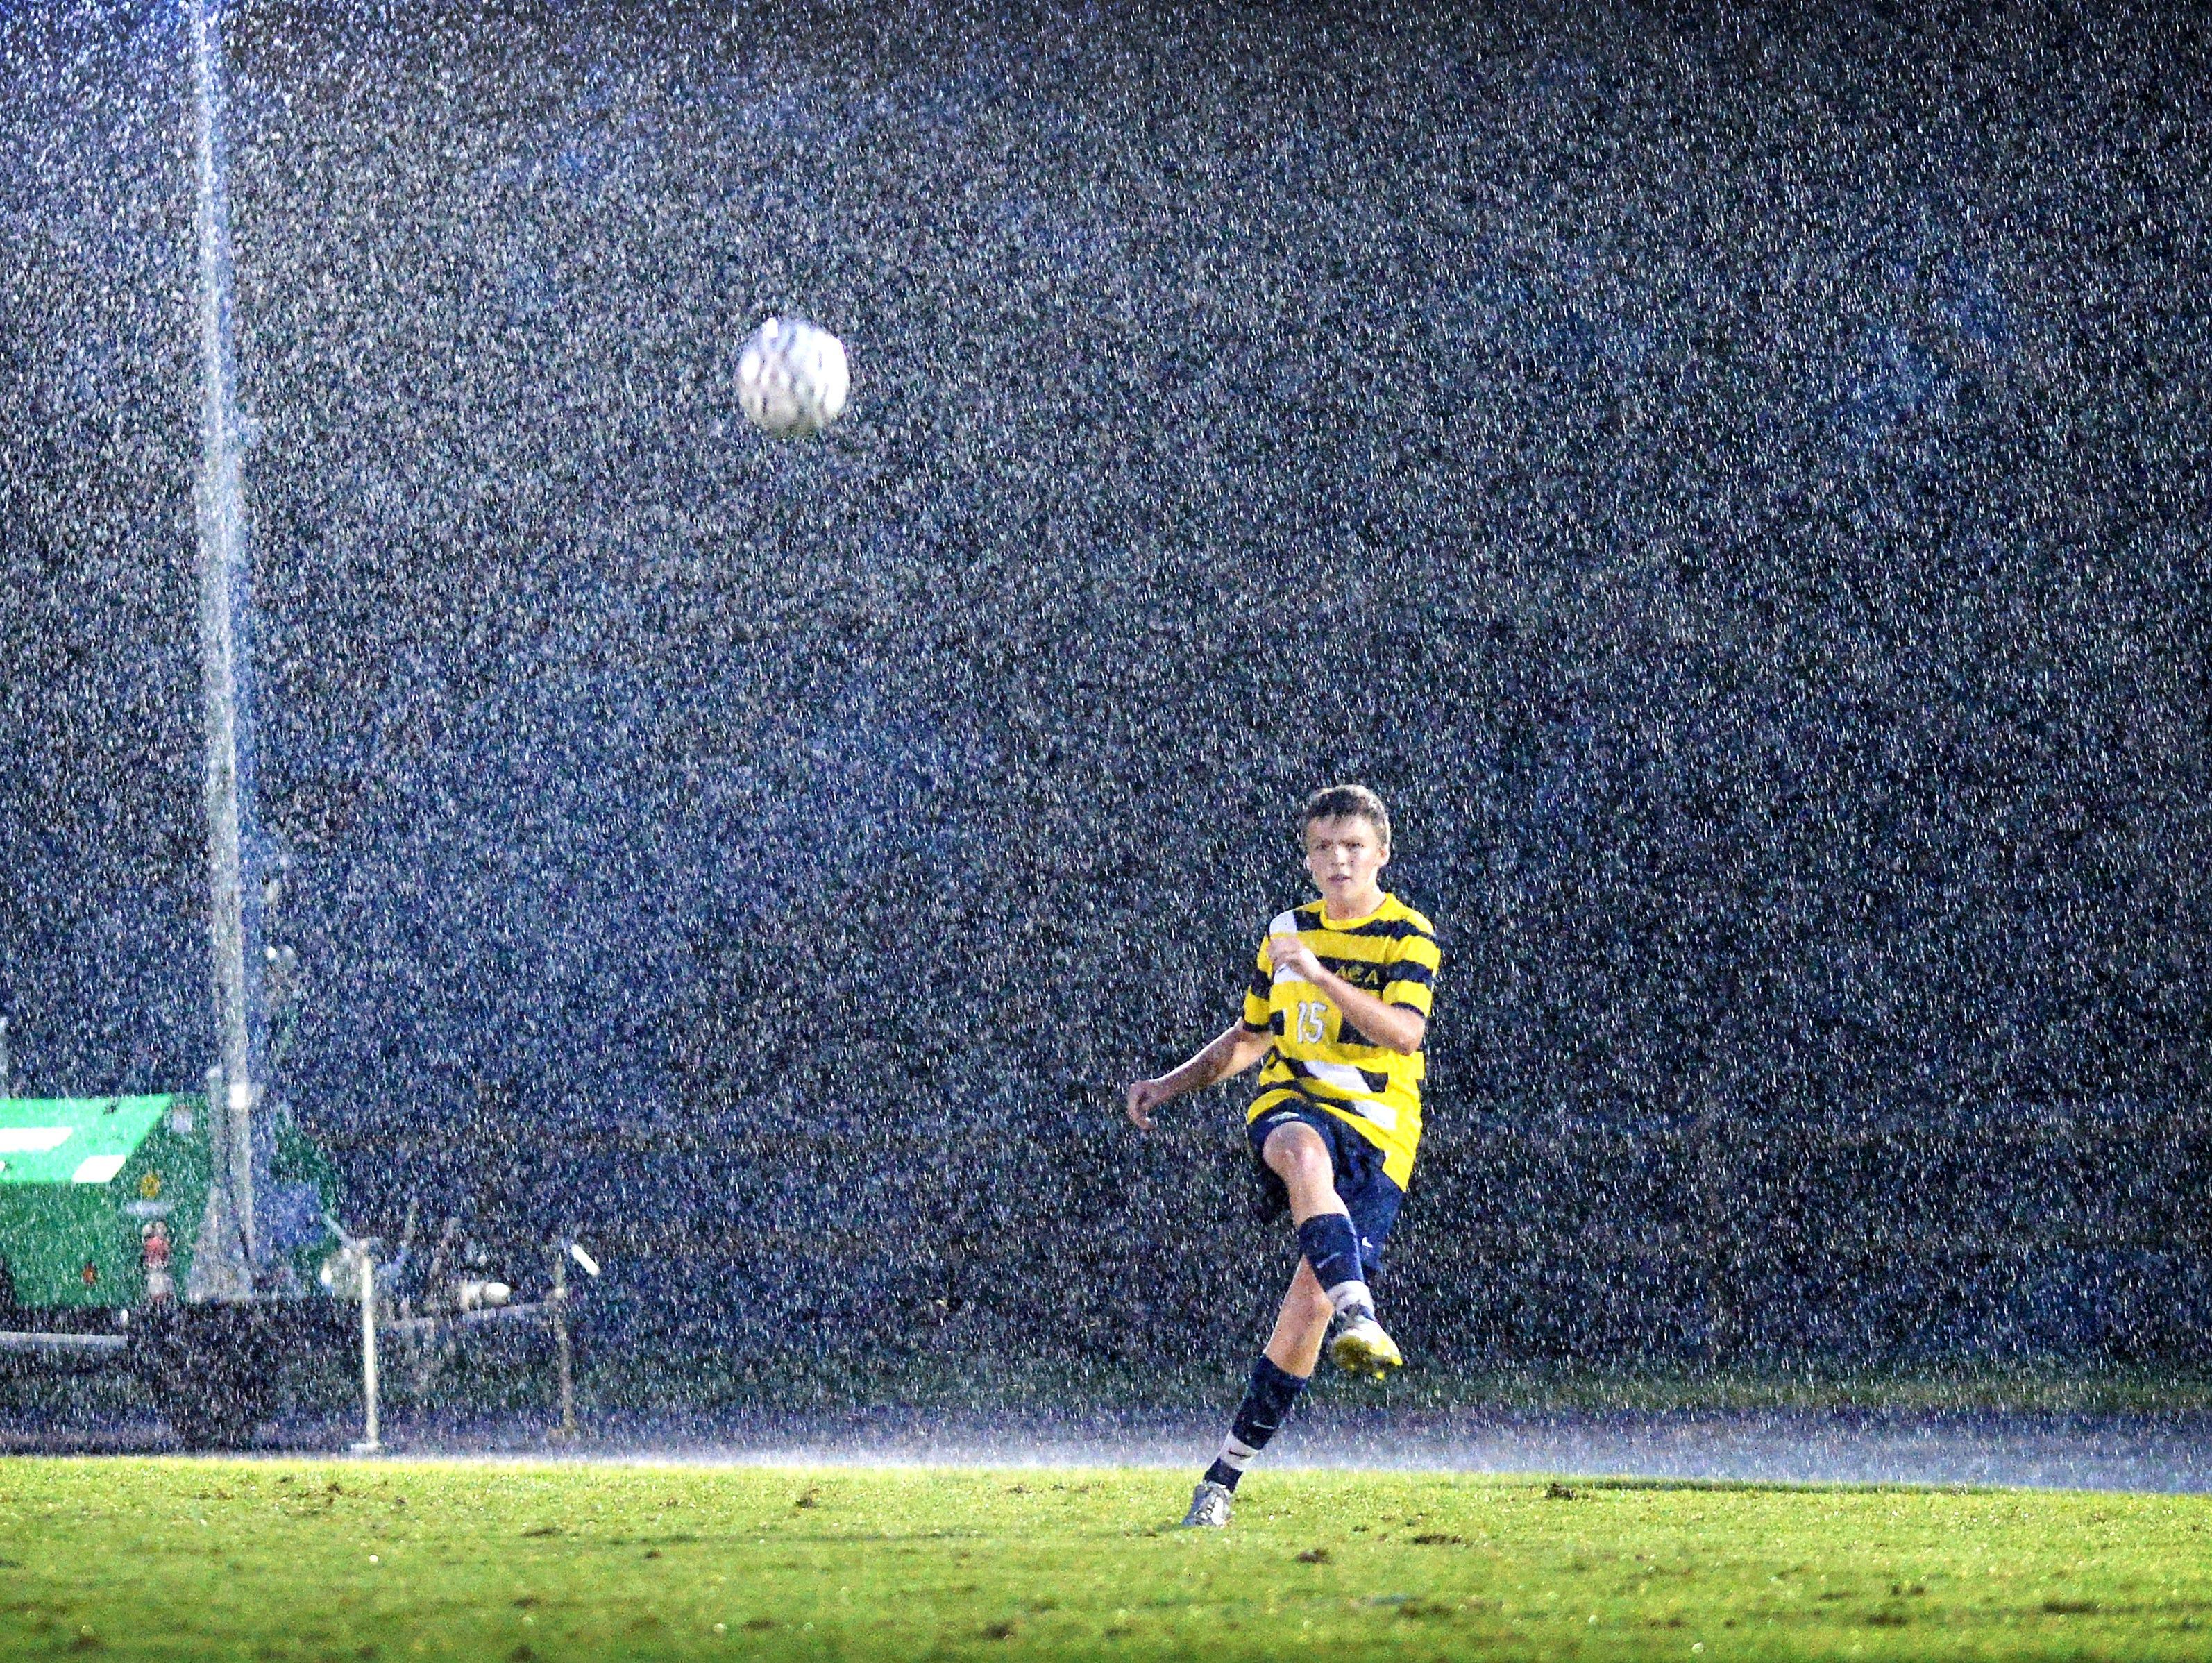 Asheville Christian Academy's Logan Whalen kicks a ball Thursday at Christ School.